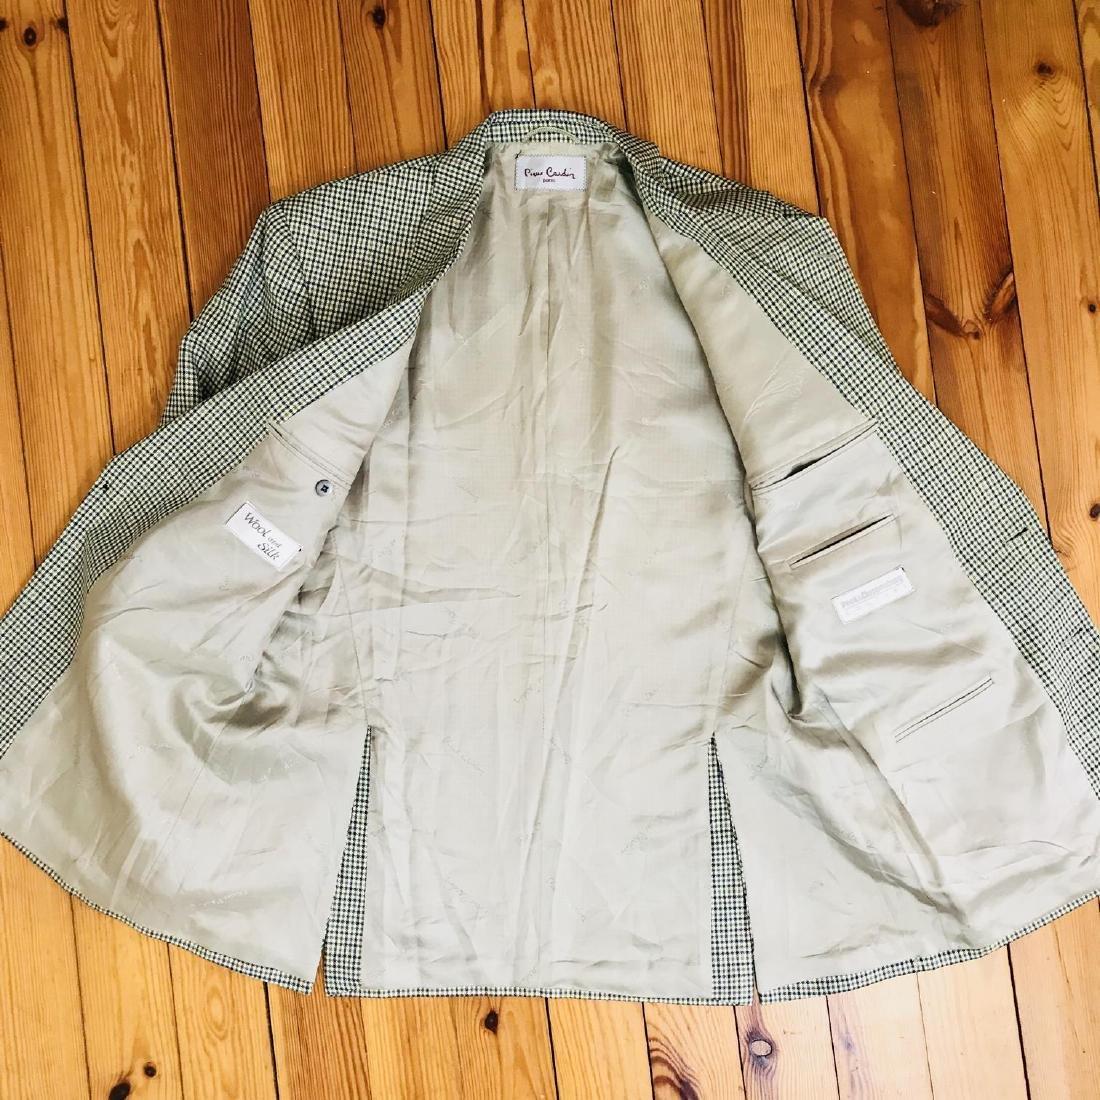 Vintage Men's Pierre Cardin Paris Jacket Blazer Size US - 6